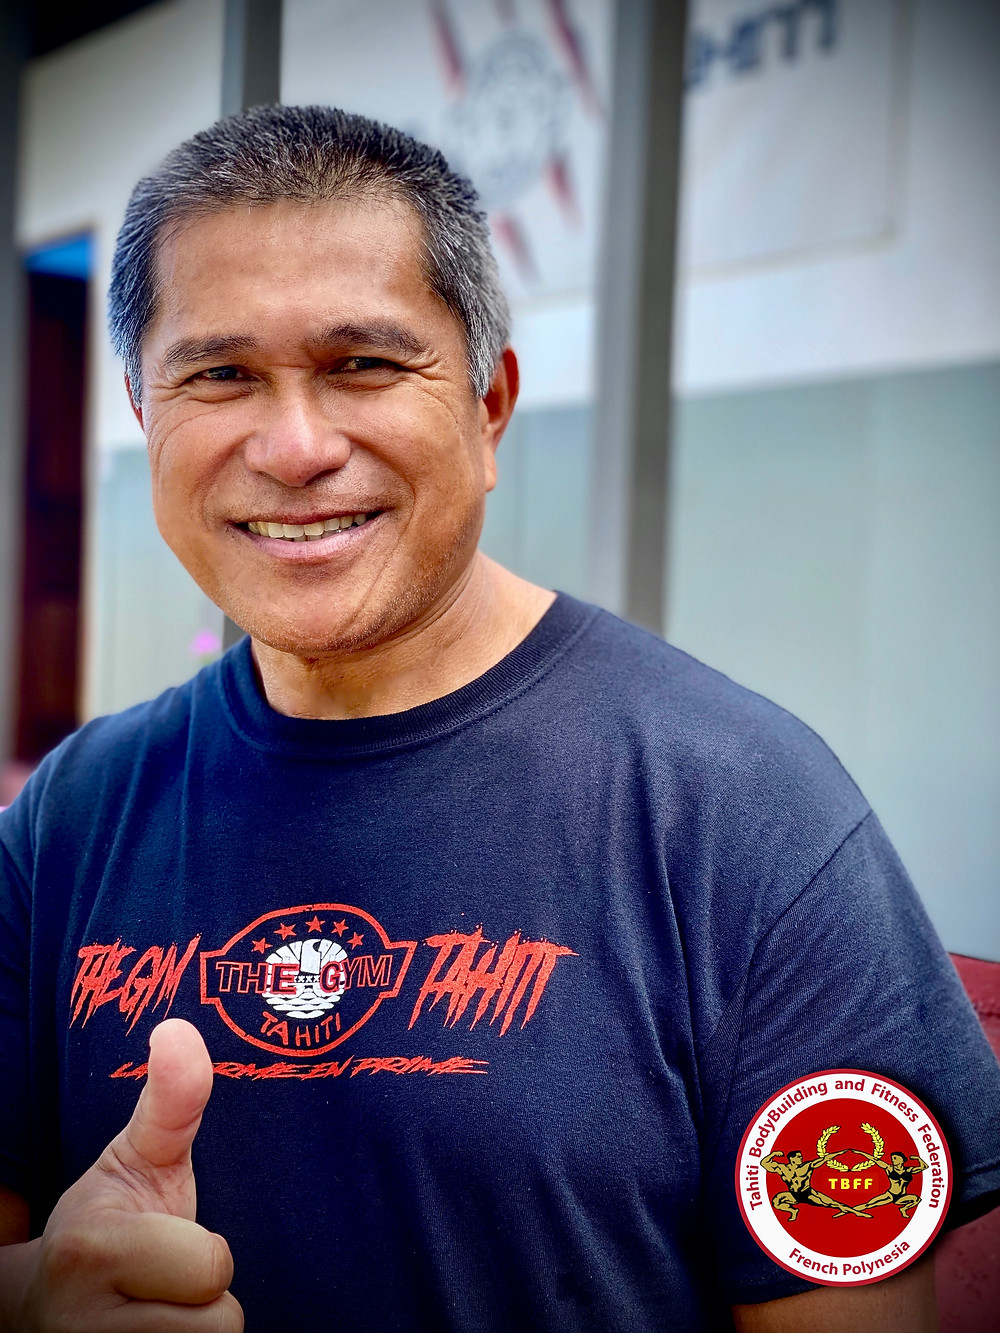 Jerry YEUNG Préparateur physique BEES-1 depuis 1998